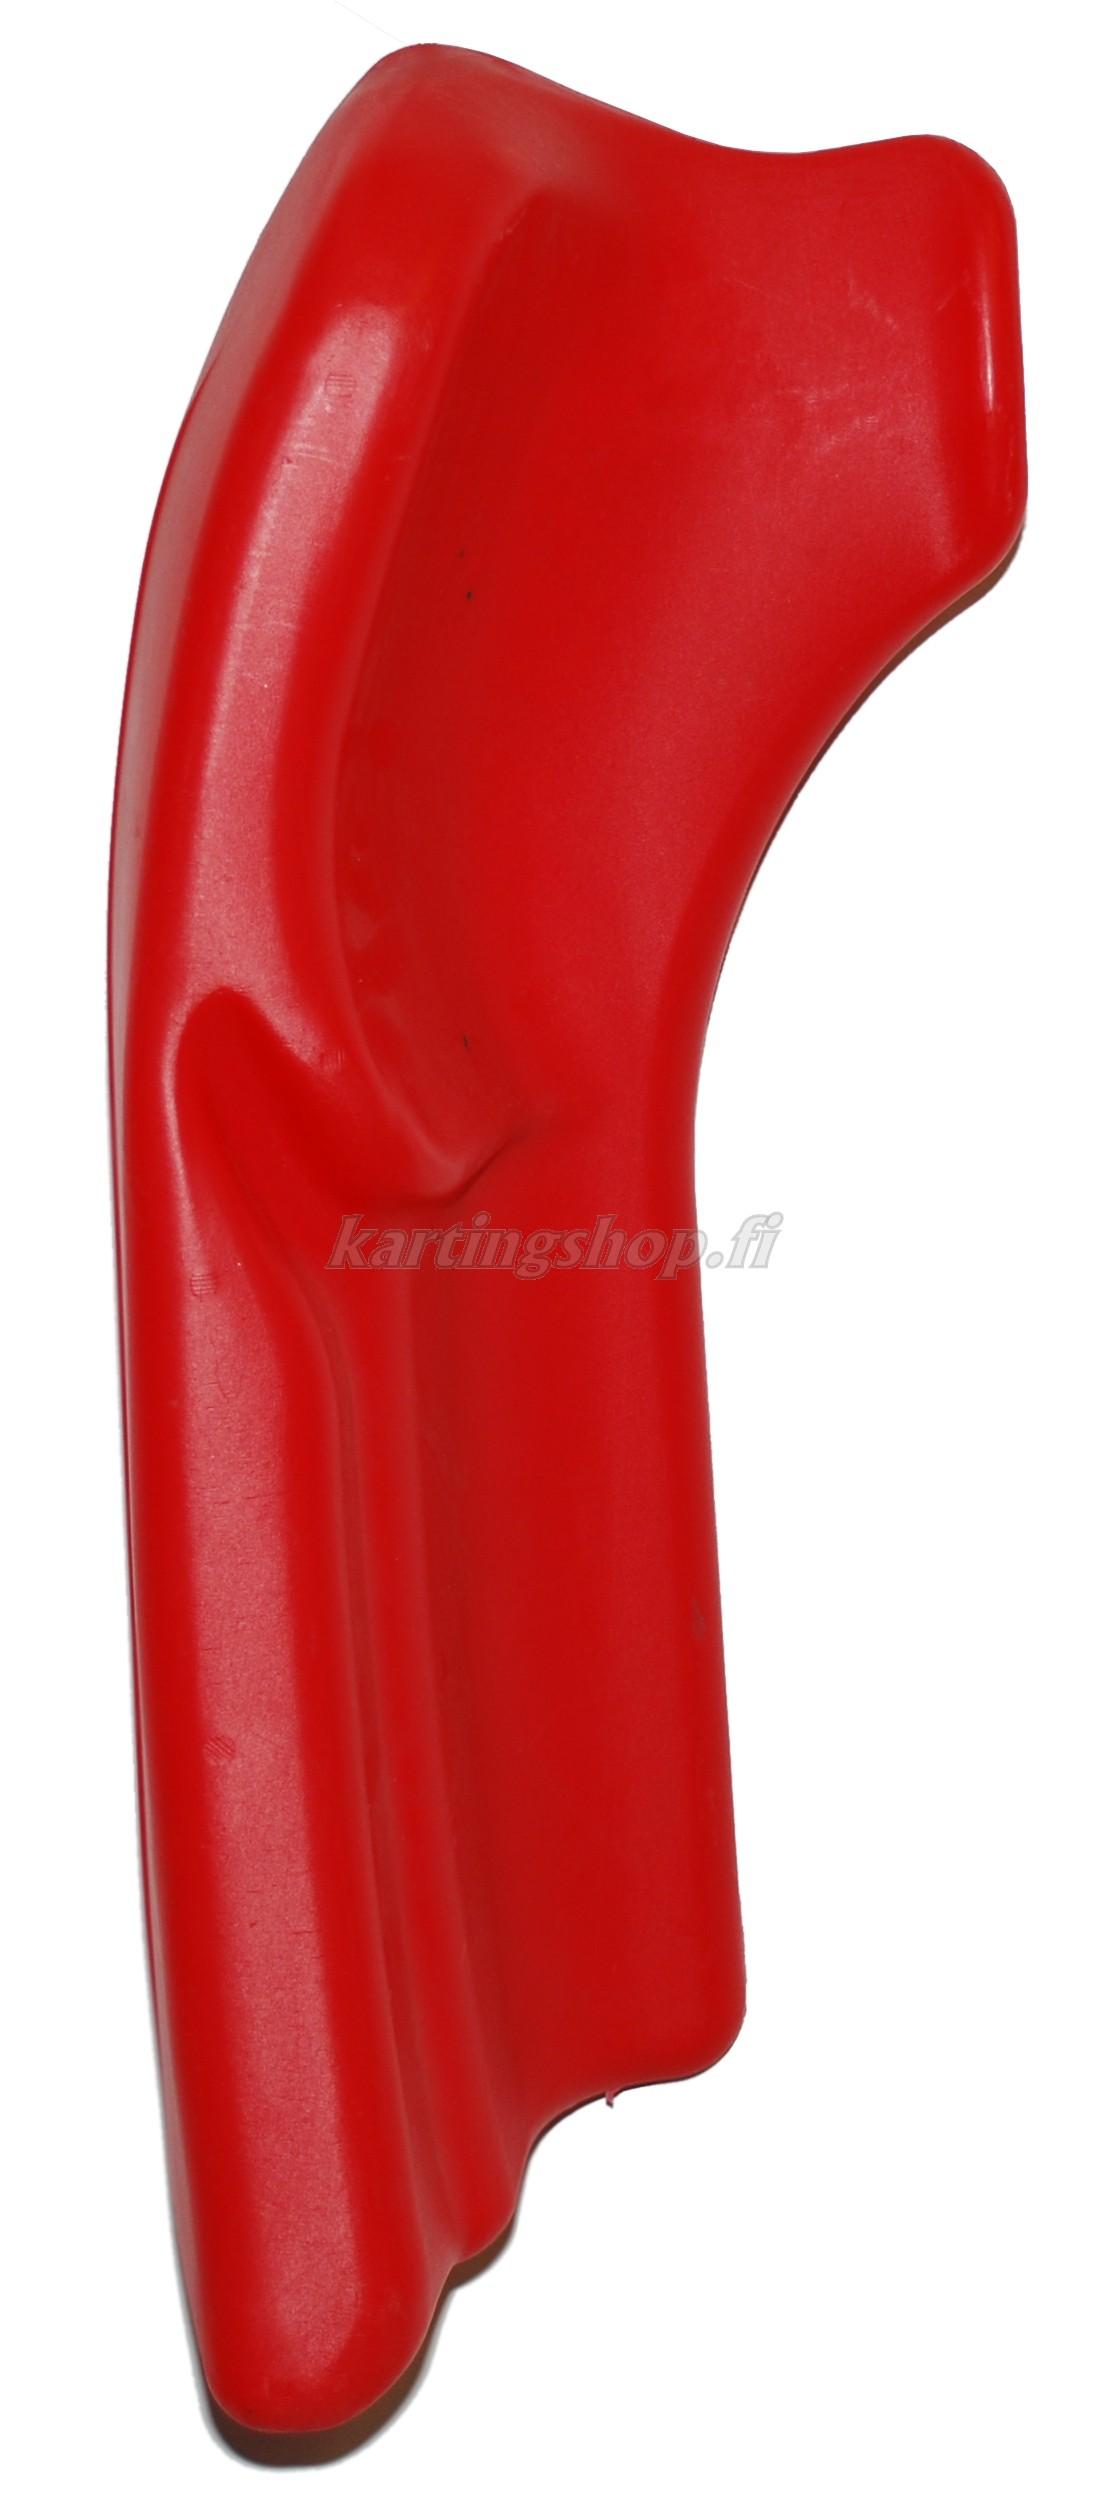 Sivuponttooni NewAge2 vasen , punainen